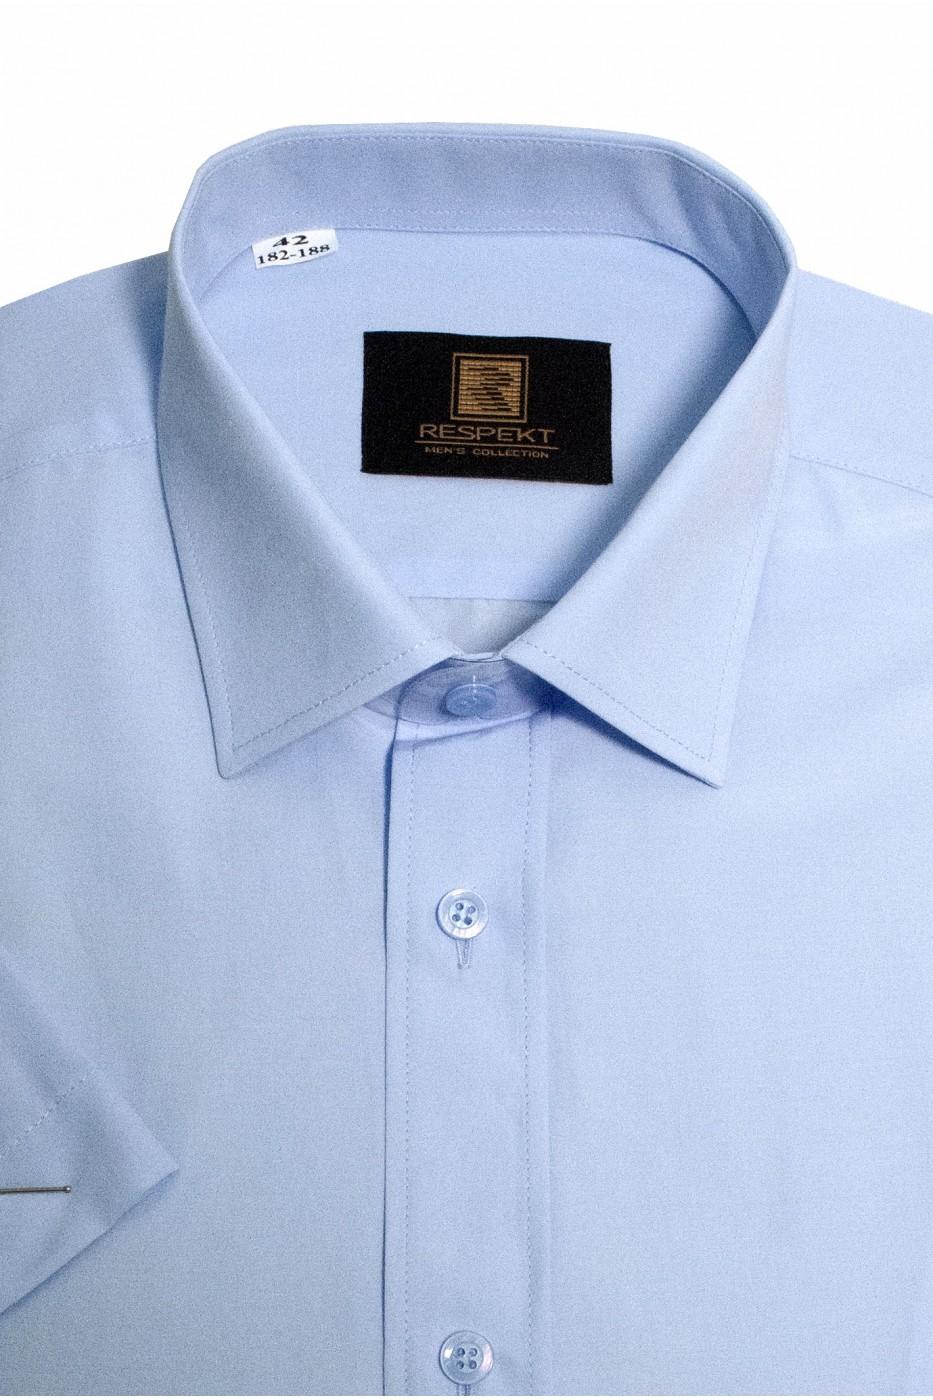 Голубая мужская рубашка с коротким рукавом КР 323 (54-07)